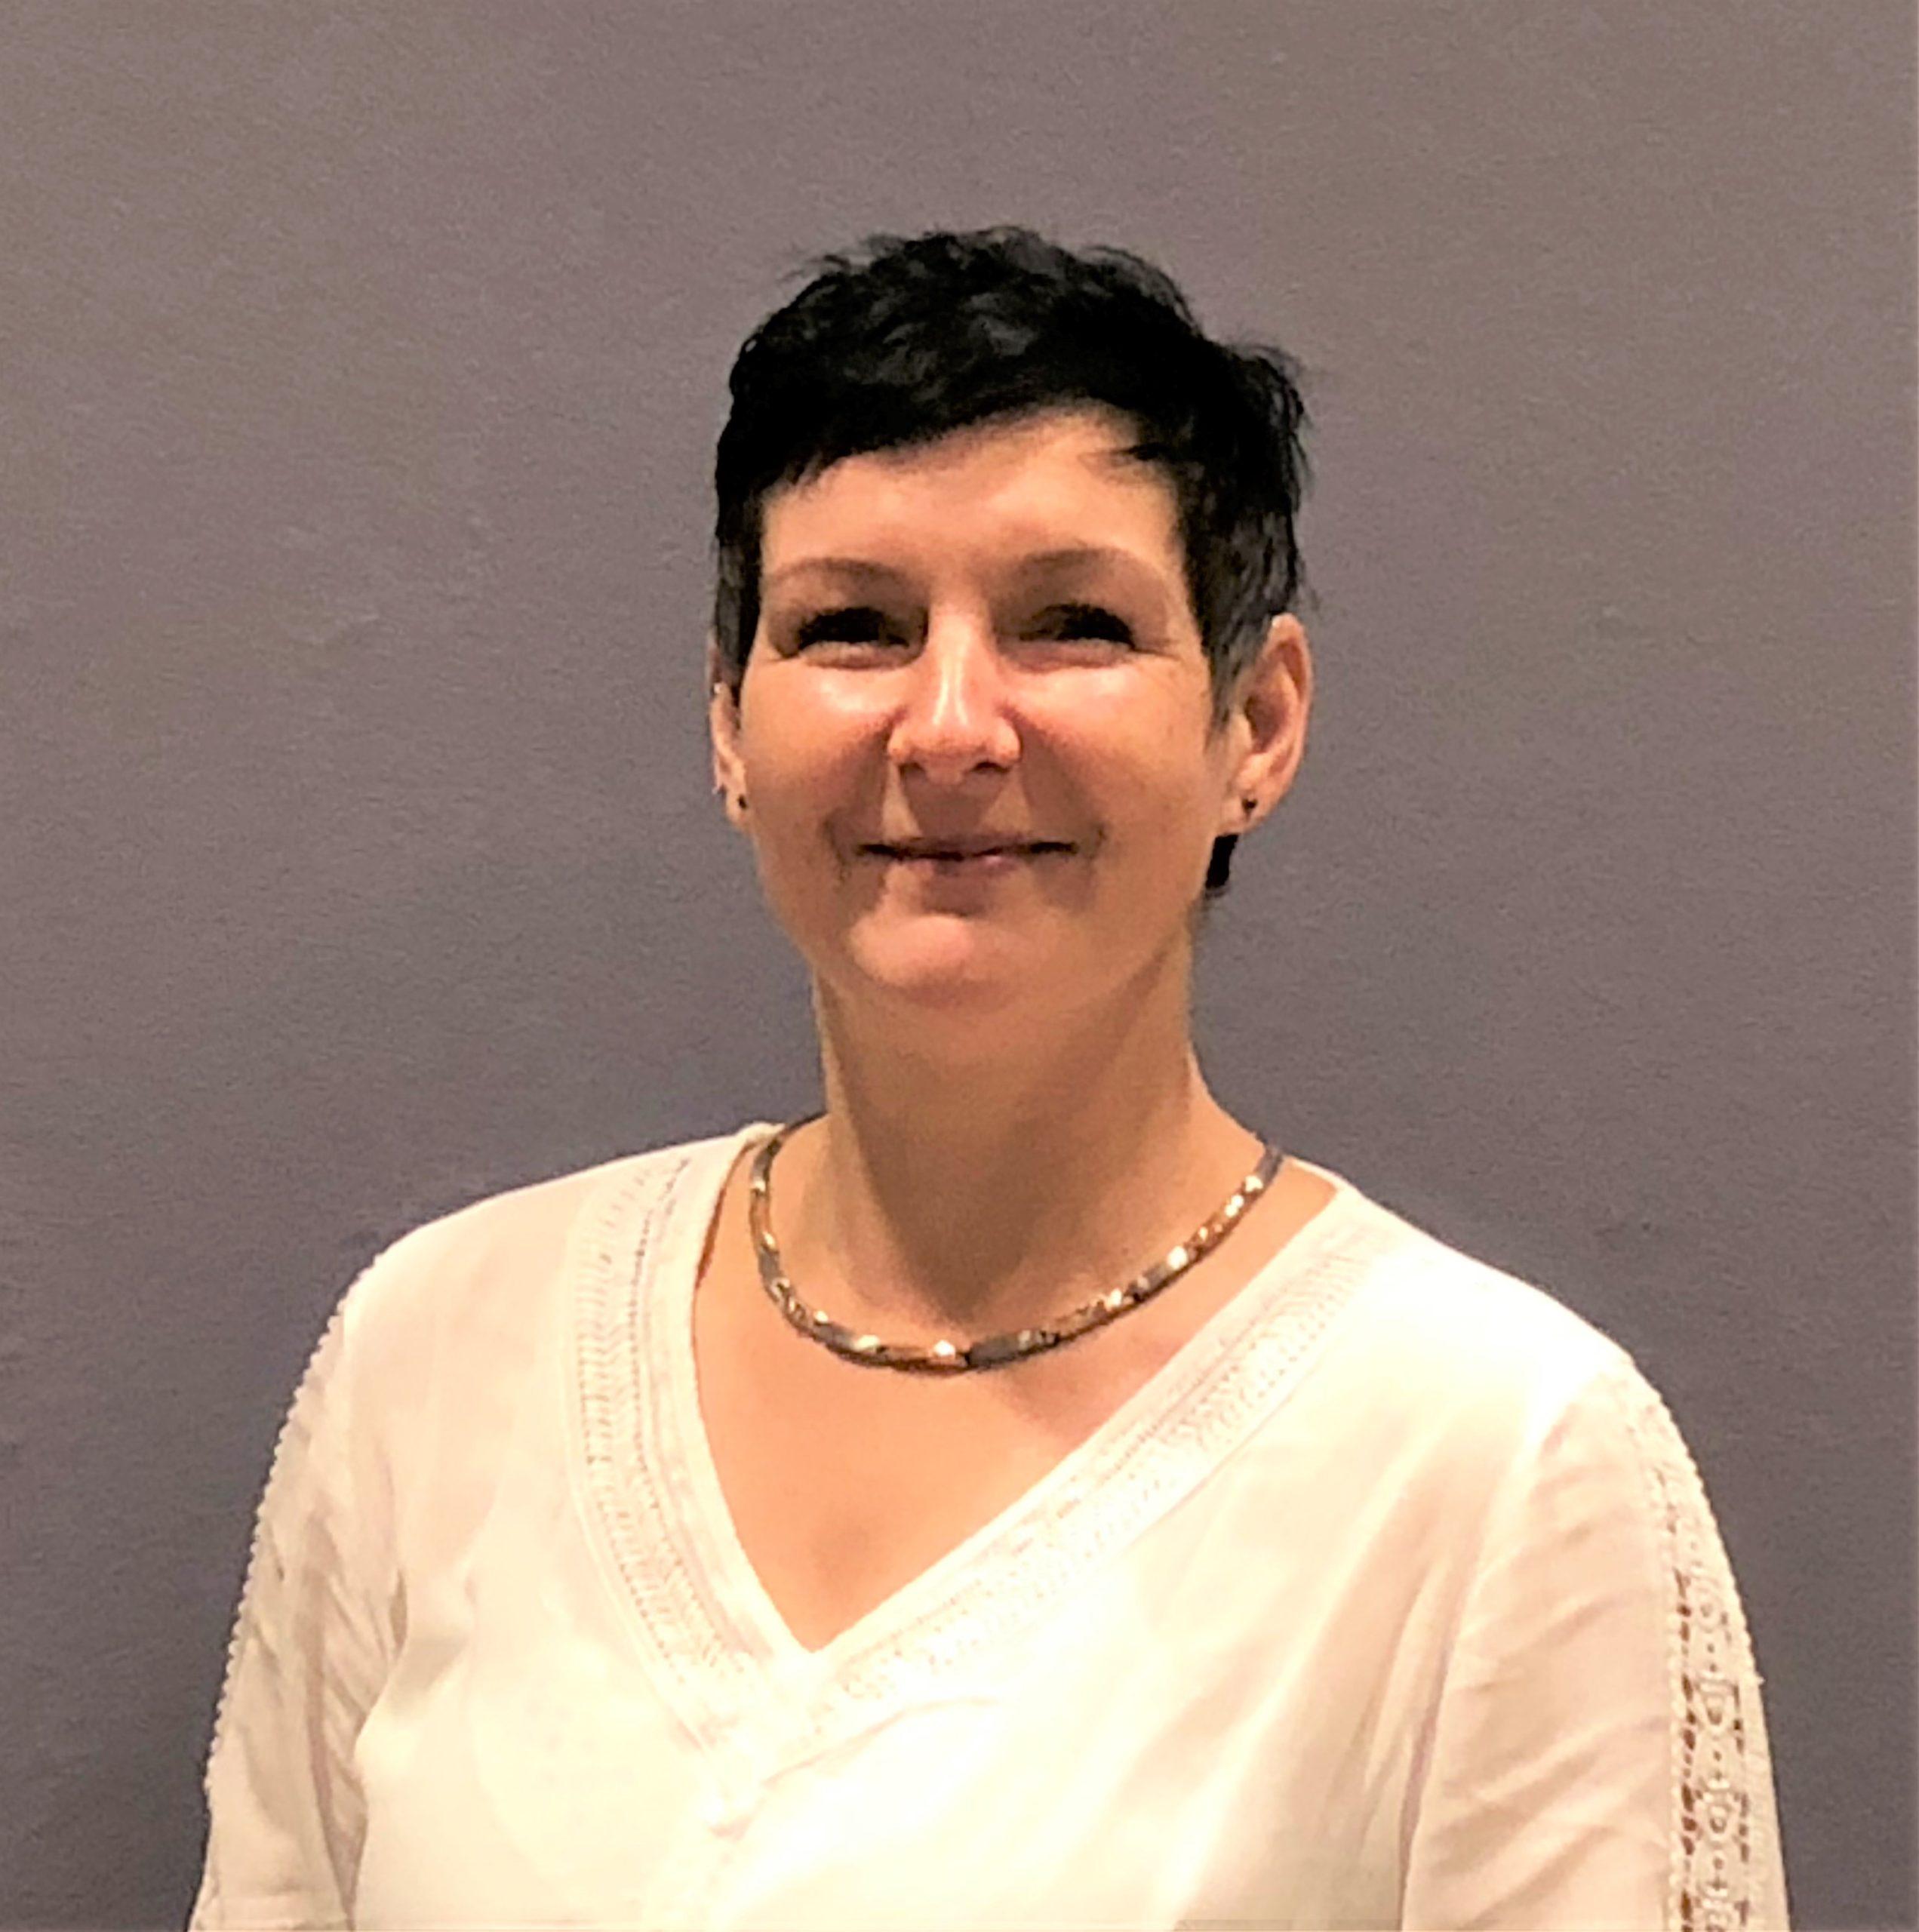 Mandy Schulze